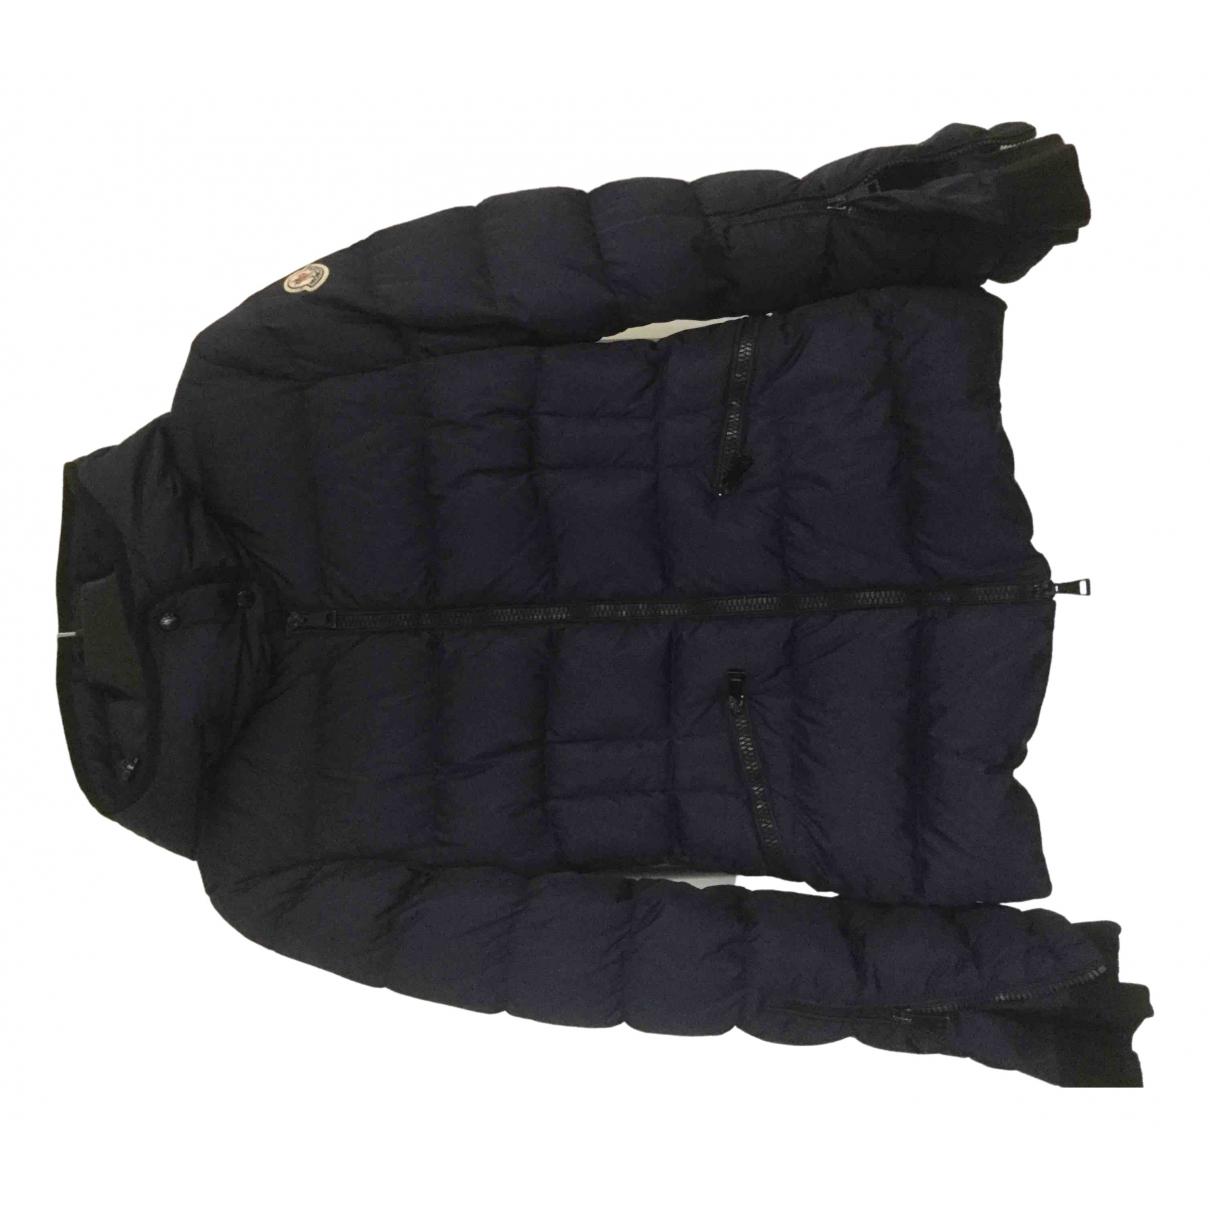 Moncler \N Blue jacket for Women 1 0-5